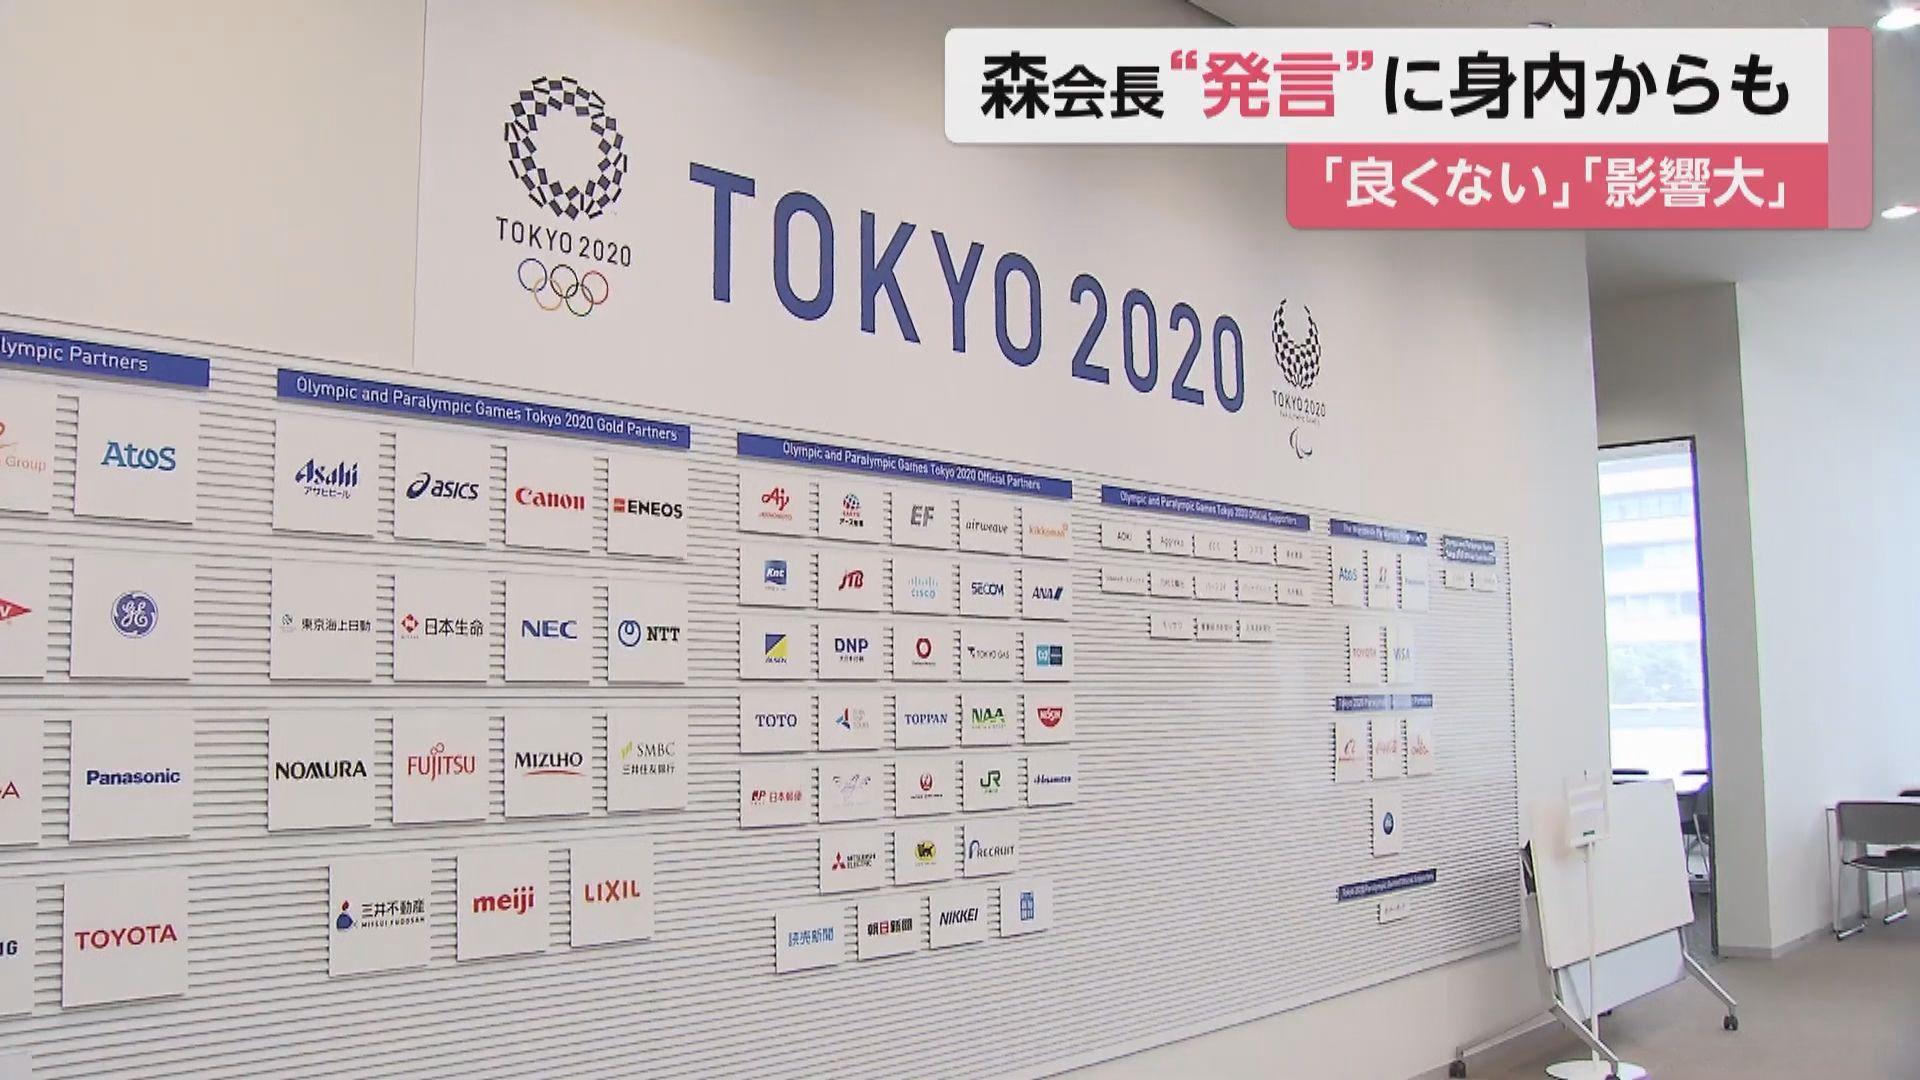 東京奧組委最快本周選出新主席 菅義偉要求甄選過程須透明